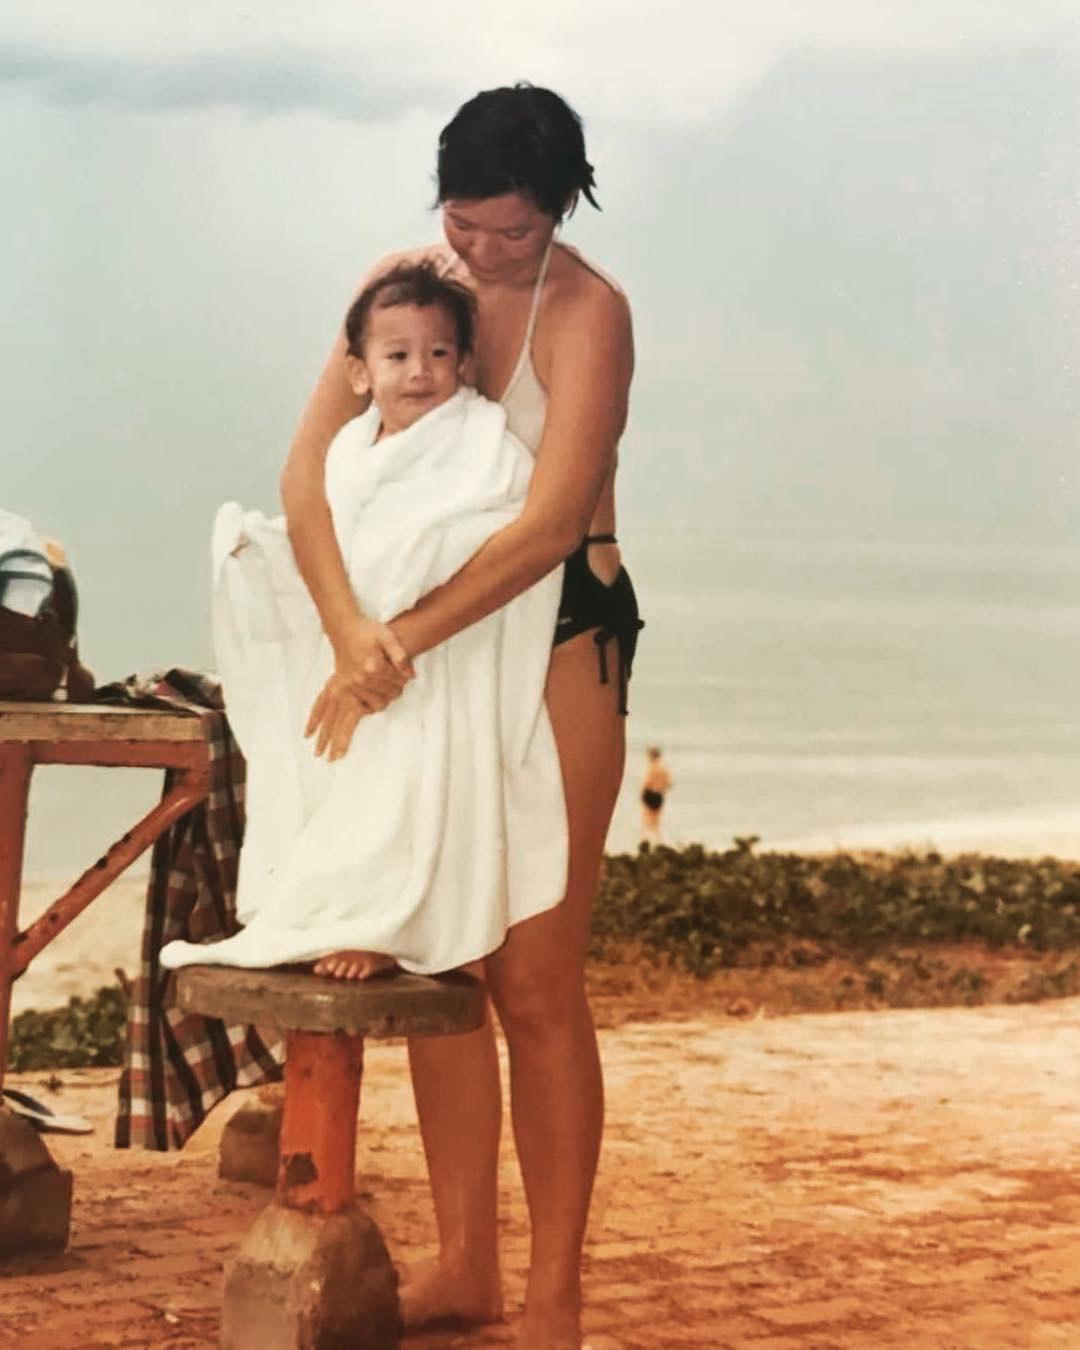 高以翔曾在臉書貼上小時候與母親的幸福時光。(翻攝自高以翔臉書)